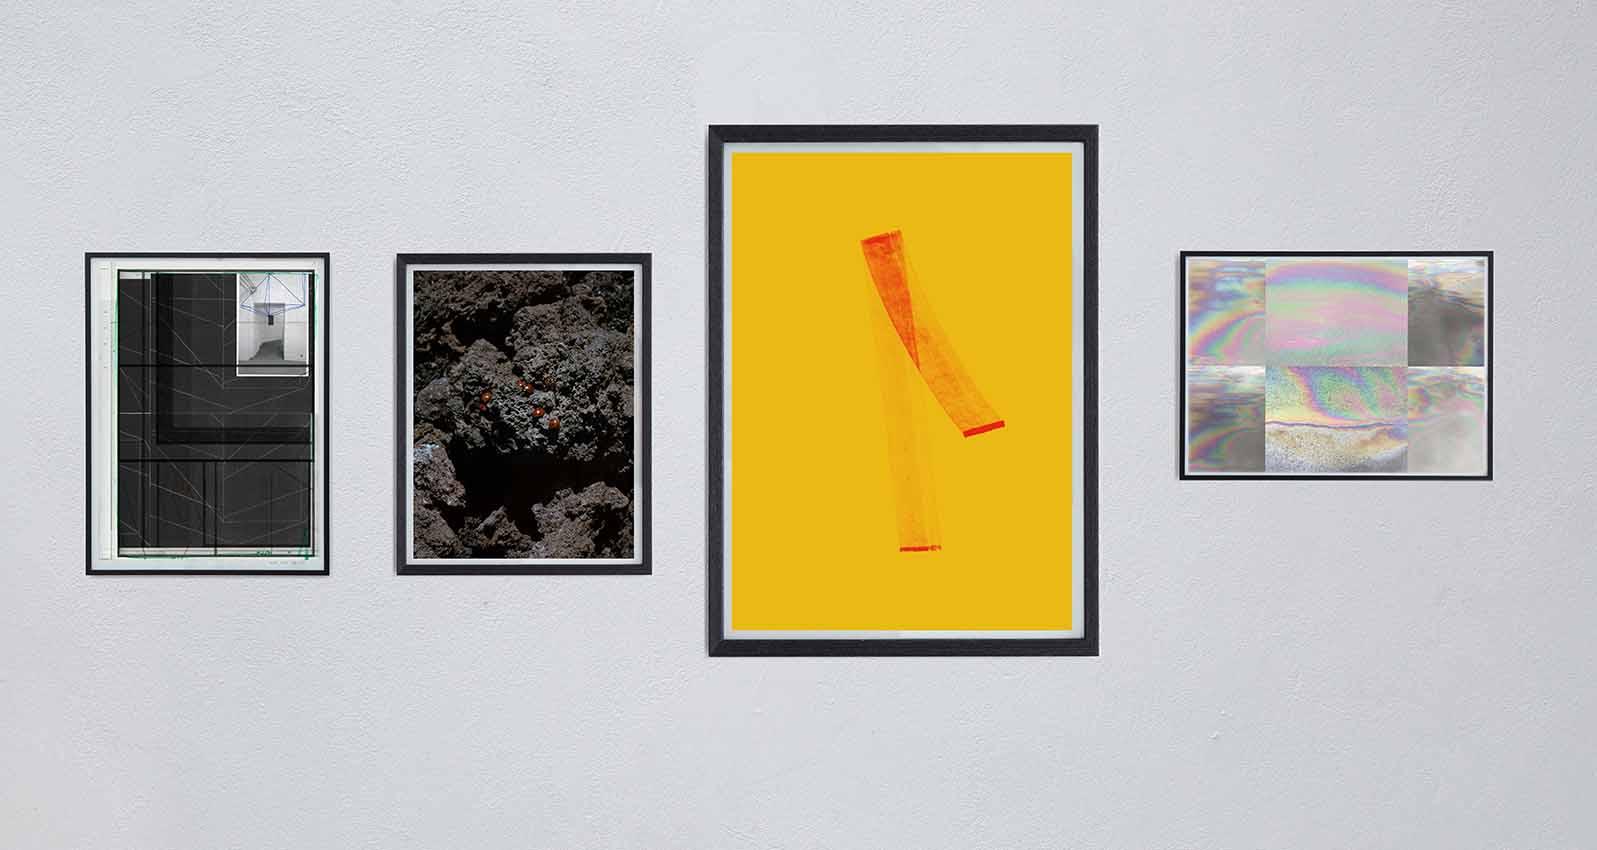 < 1000 euro - Vriendenabonnement 2017900 €Op vraag van Oogst maakte niet alleen de Britse Turner Prize-winnaar Richard Deacon een kunstwerk, ook fotograaf Geert Goiris, de collectieve kunstenaar gerlach en koop en Marc Nagtzaam creërden dit jaar een exclusieve editie op 65 genummerde en gesigneerde exemplaren. Of zoals the Godfather het zegt: an offer you can't refuse